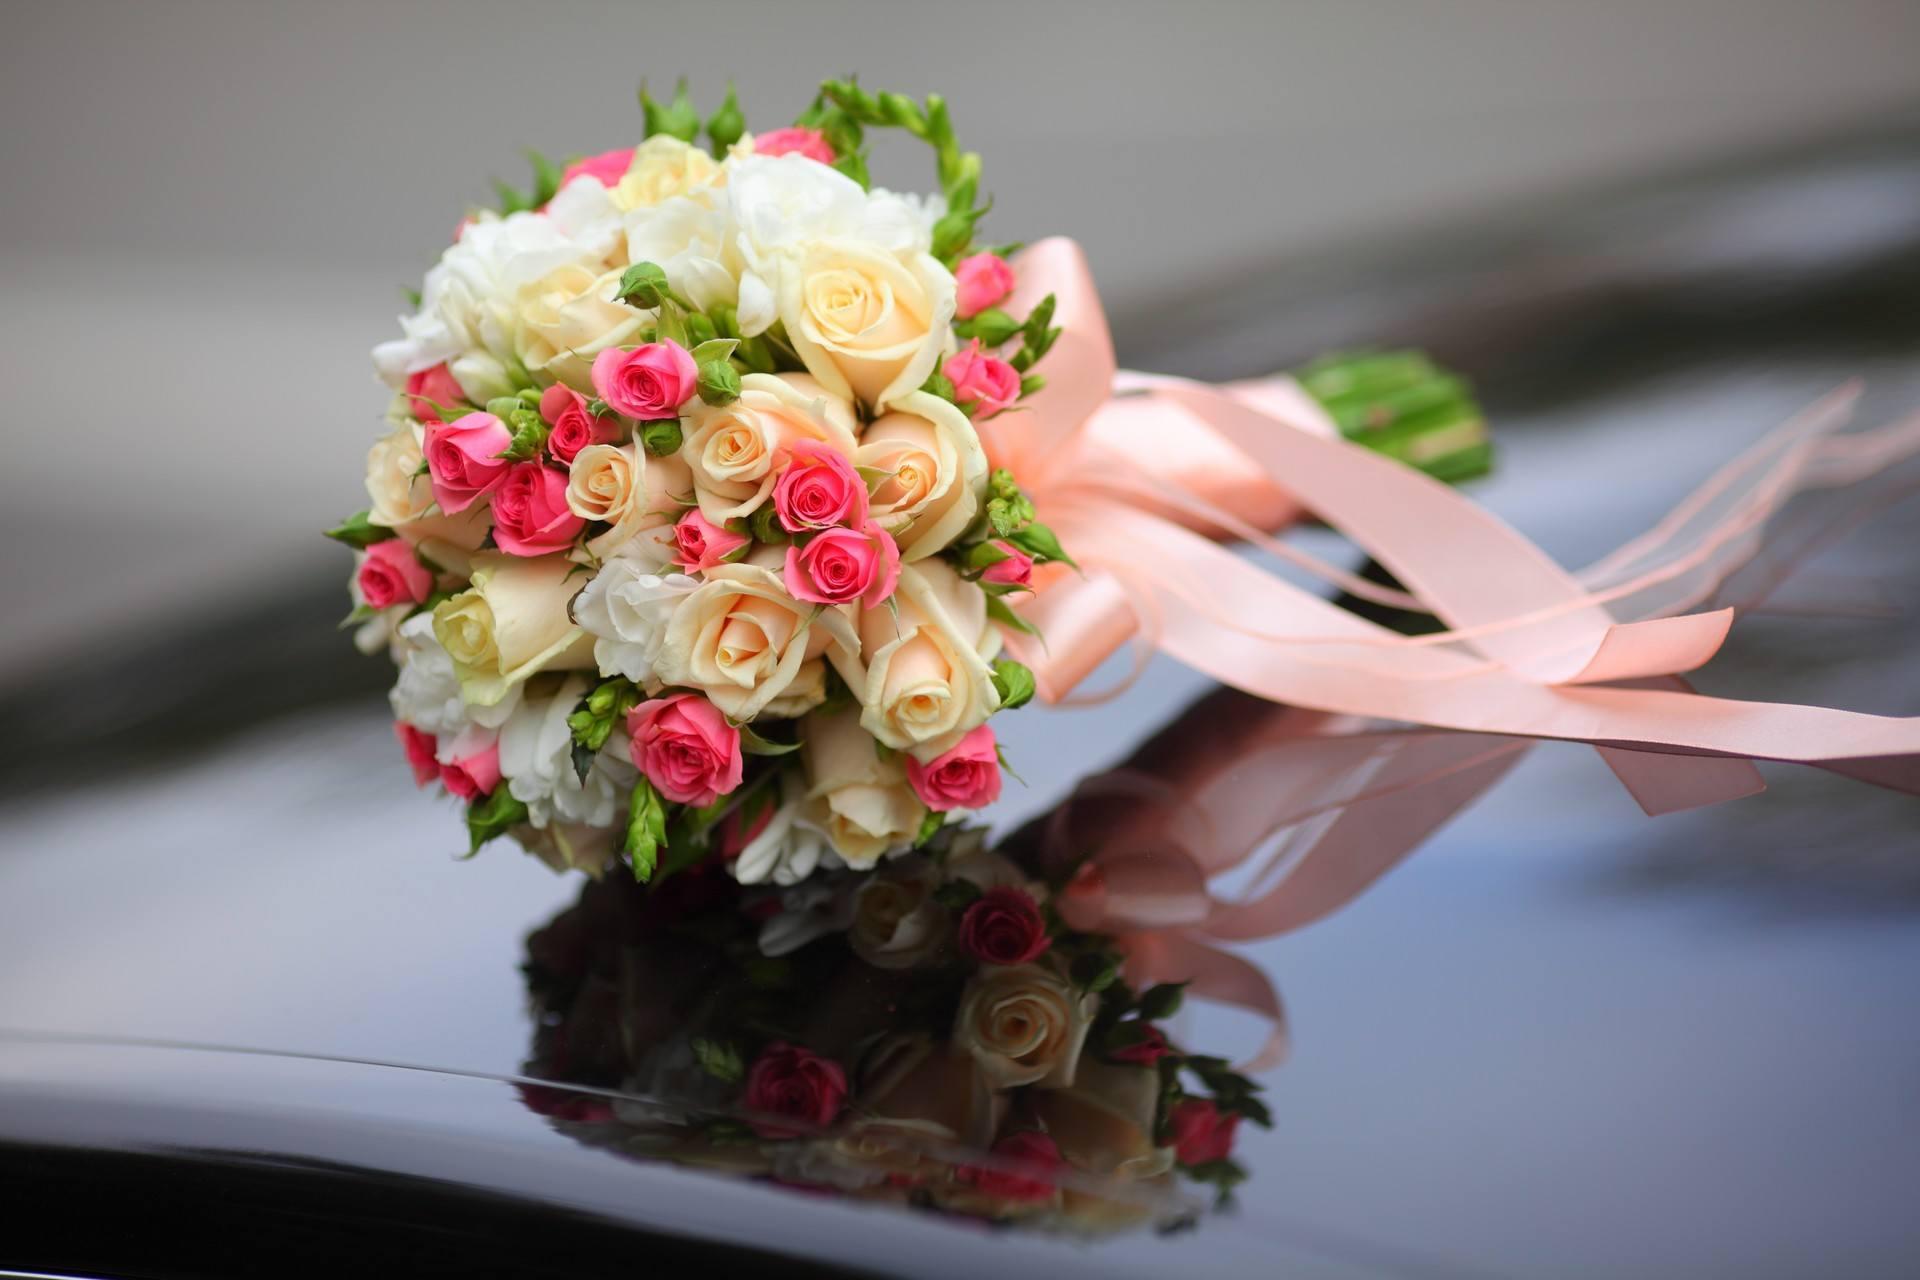 Свадебные цветы: как выбрать самый красивый букет и яркое 20